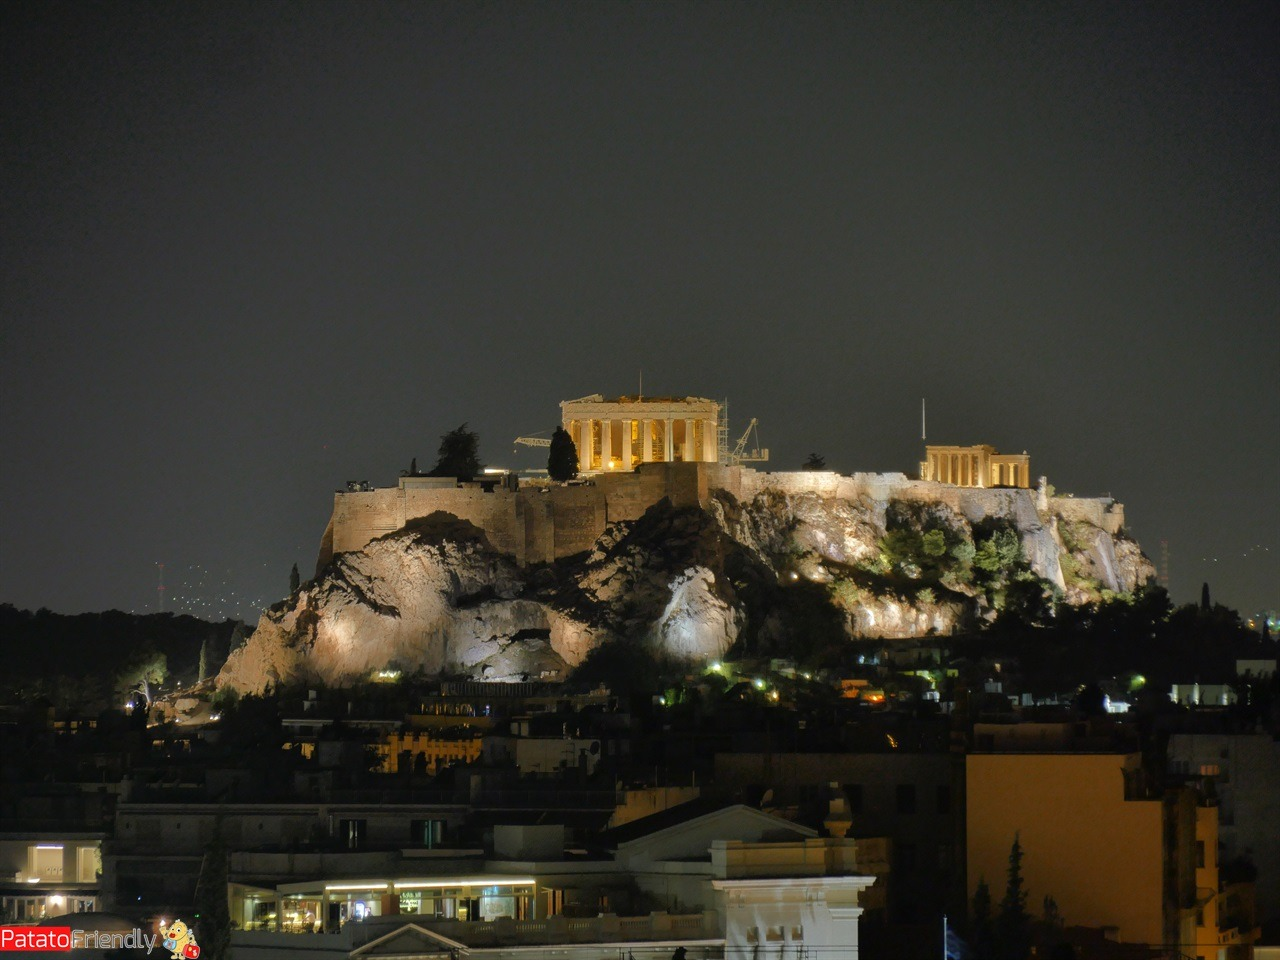 [cml_media_alt id='12284']Foto in notturna dell'Acropoli di Atene realizzata con zoom massimo e senza treppiede[/cml_media_alt]